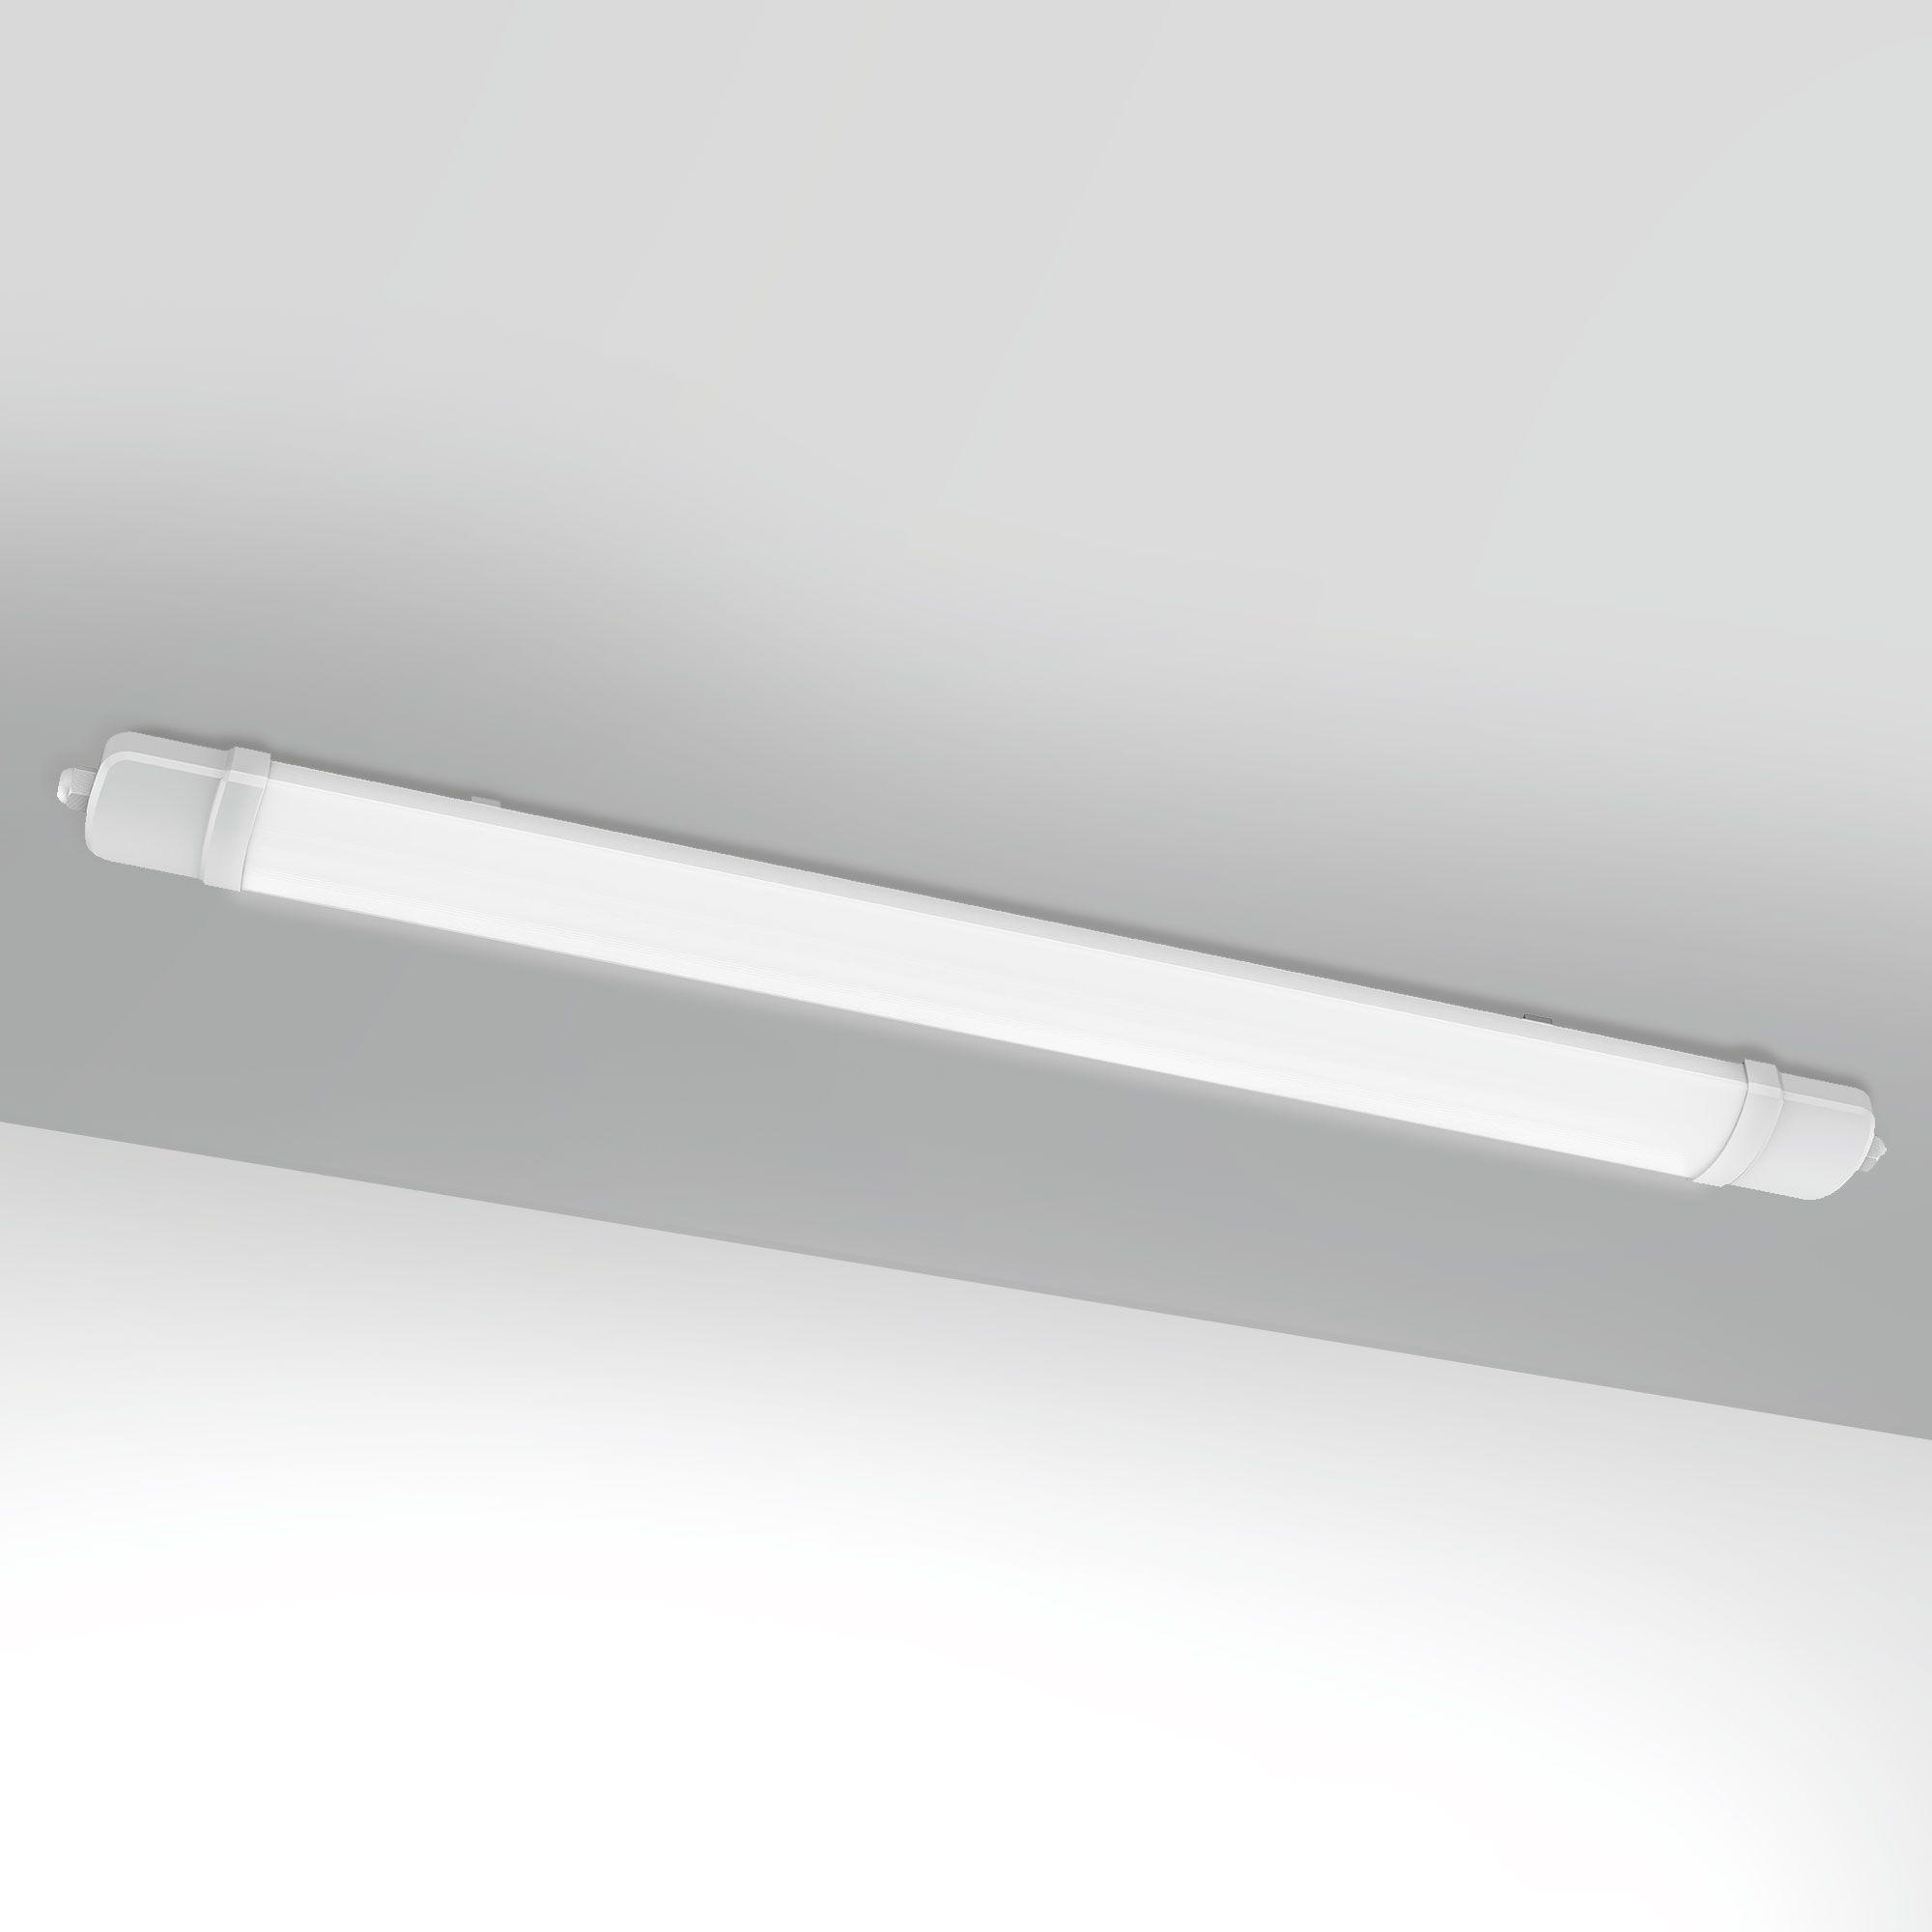 Пылевлагозащищенный светодиодный светильник 36Вт 4000К LTB71 белый